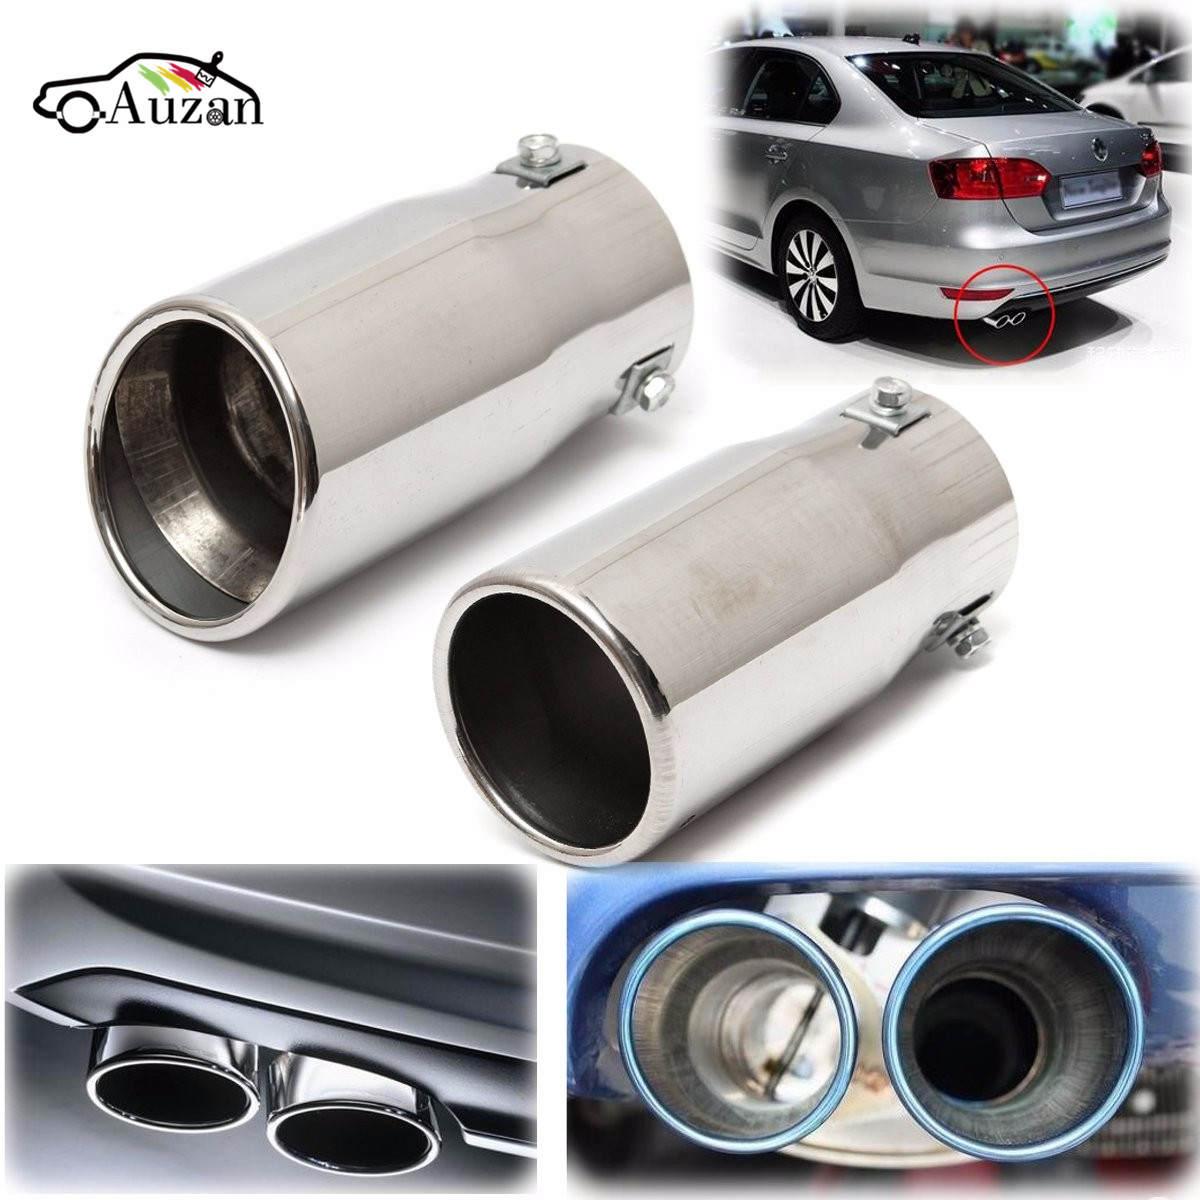 Coche Auto vehículo cromo tubo de escape punta silenciador de acero inoxidable ajuste cola tubo coche revestimiento de cuello de tubo de escape Accesorios